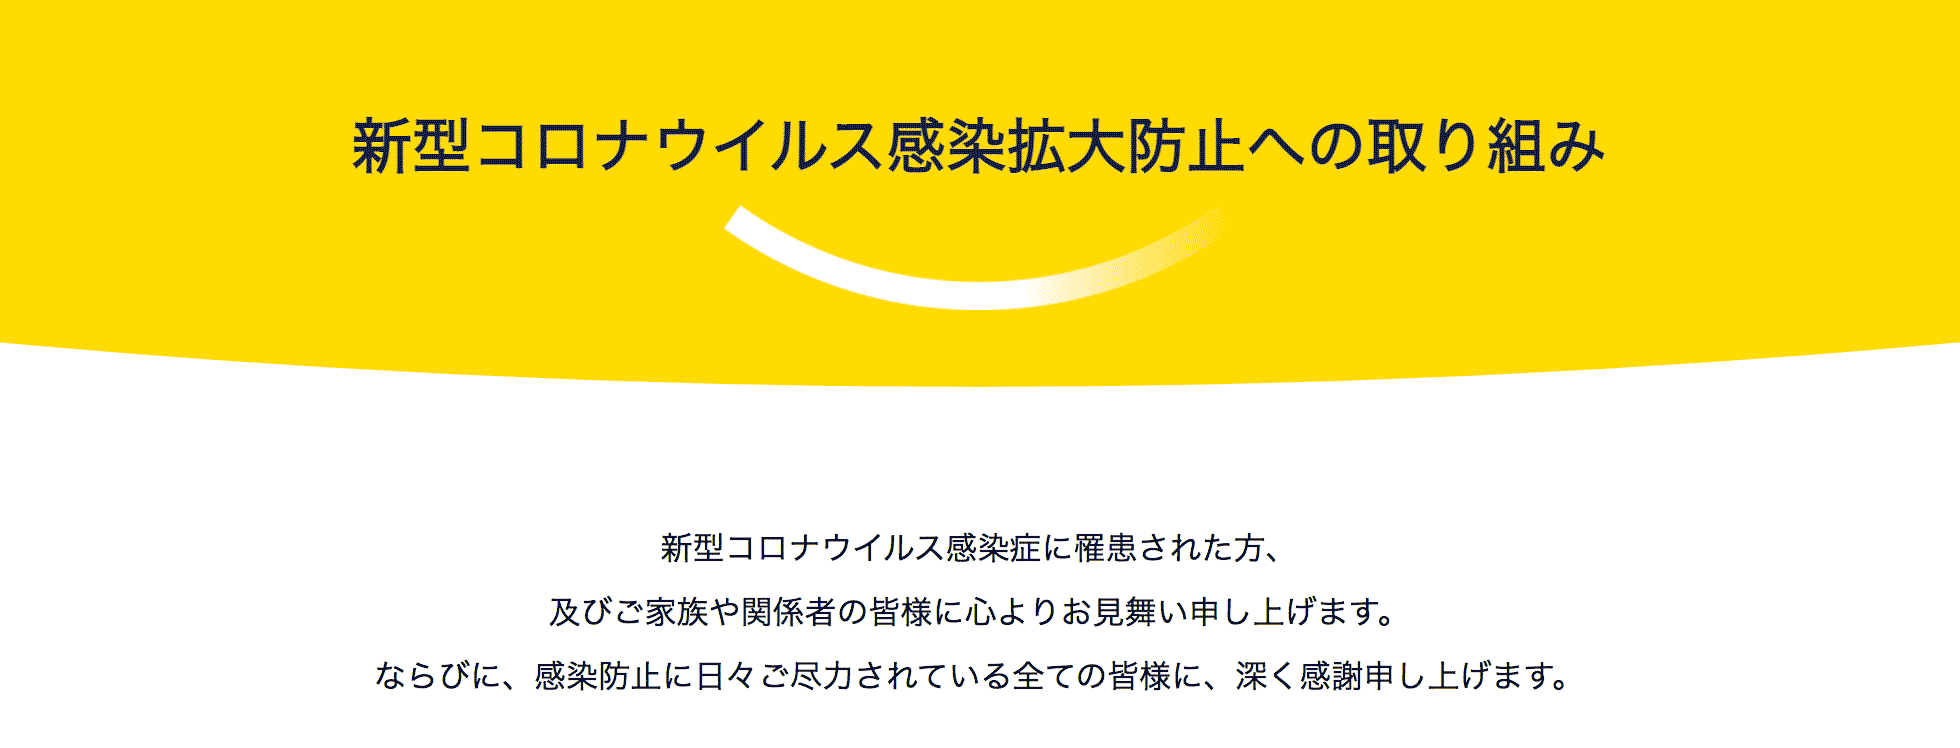 コロナ 名古屋 新型